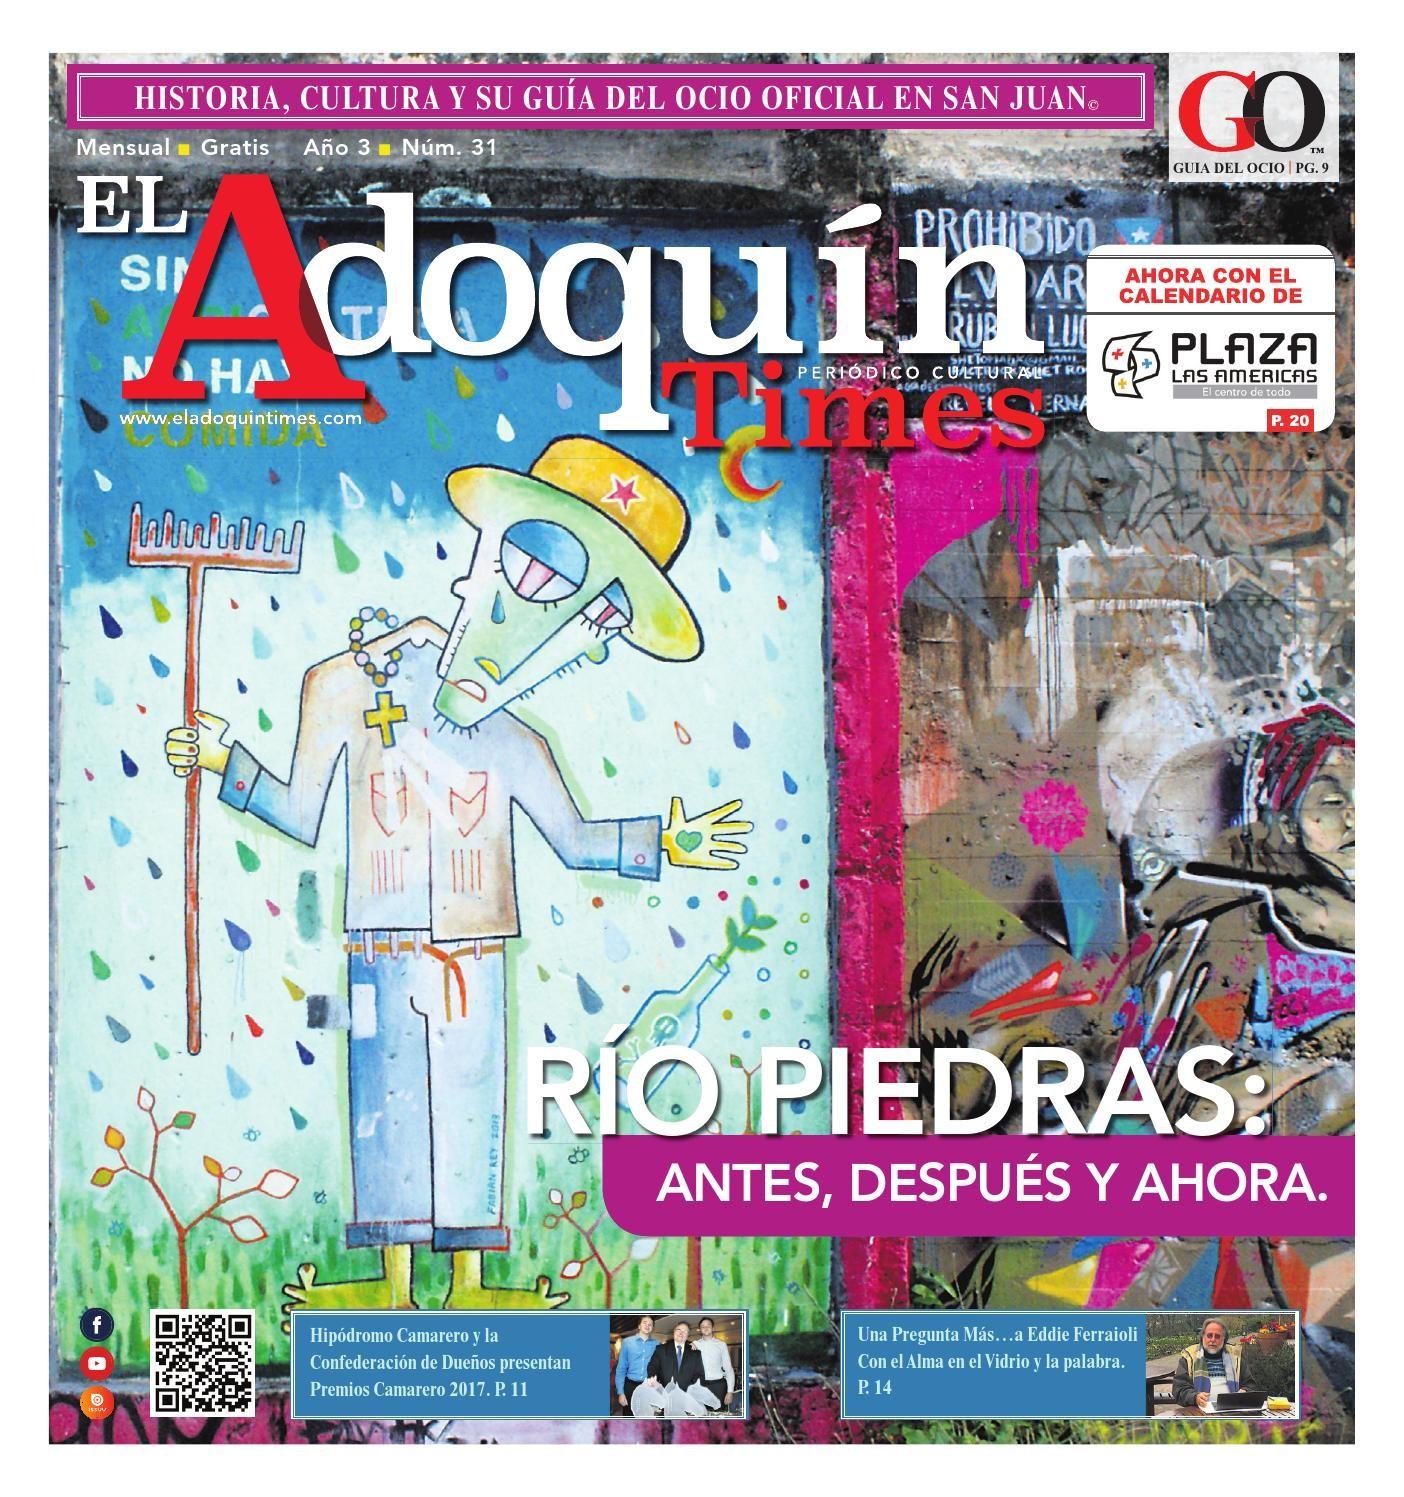 El Adoqun Times A±o 3 Nºmero 31 by El Adoqun Times issuu